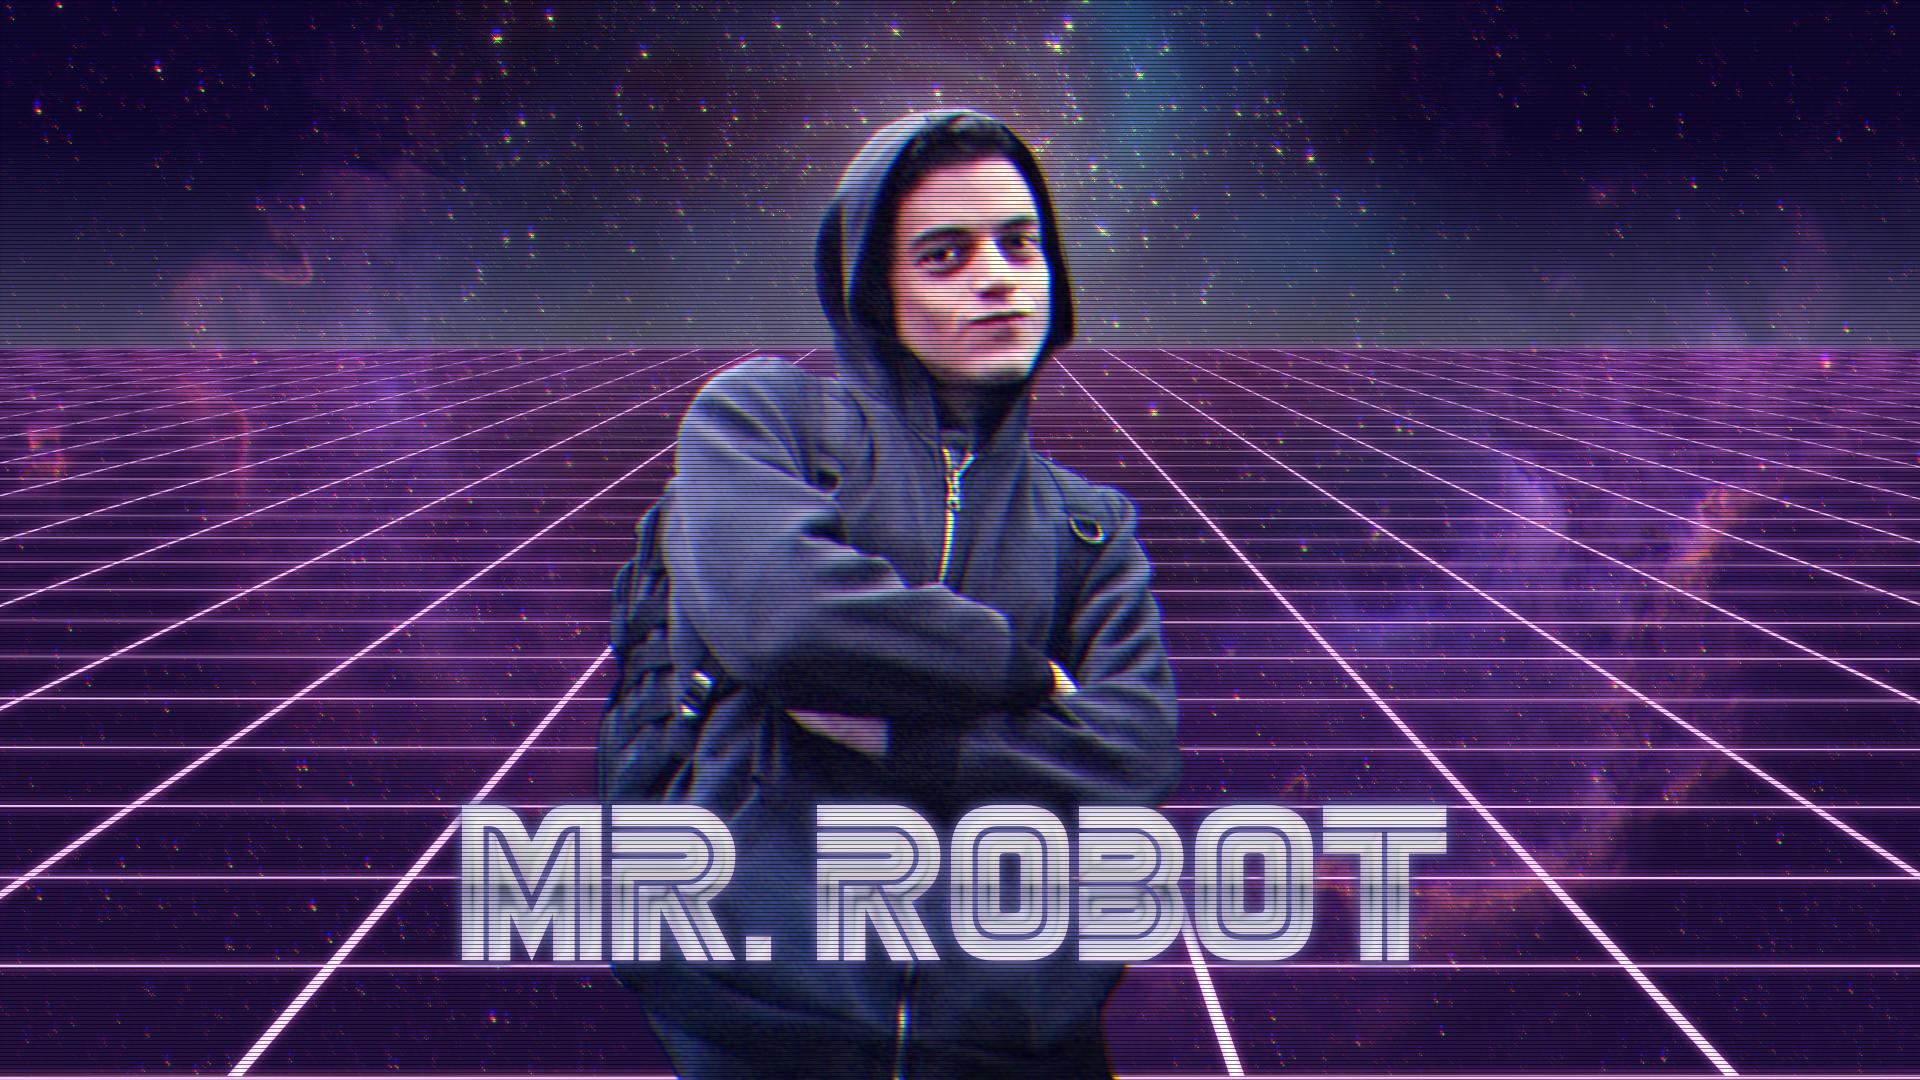 Hackerman rhapsody